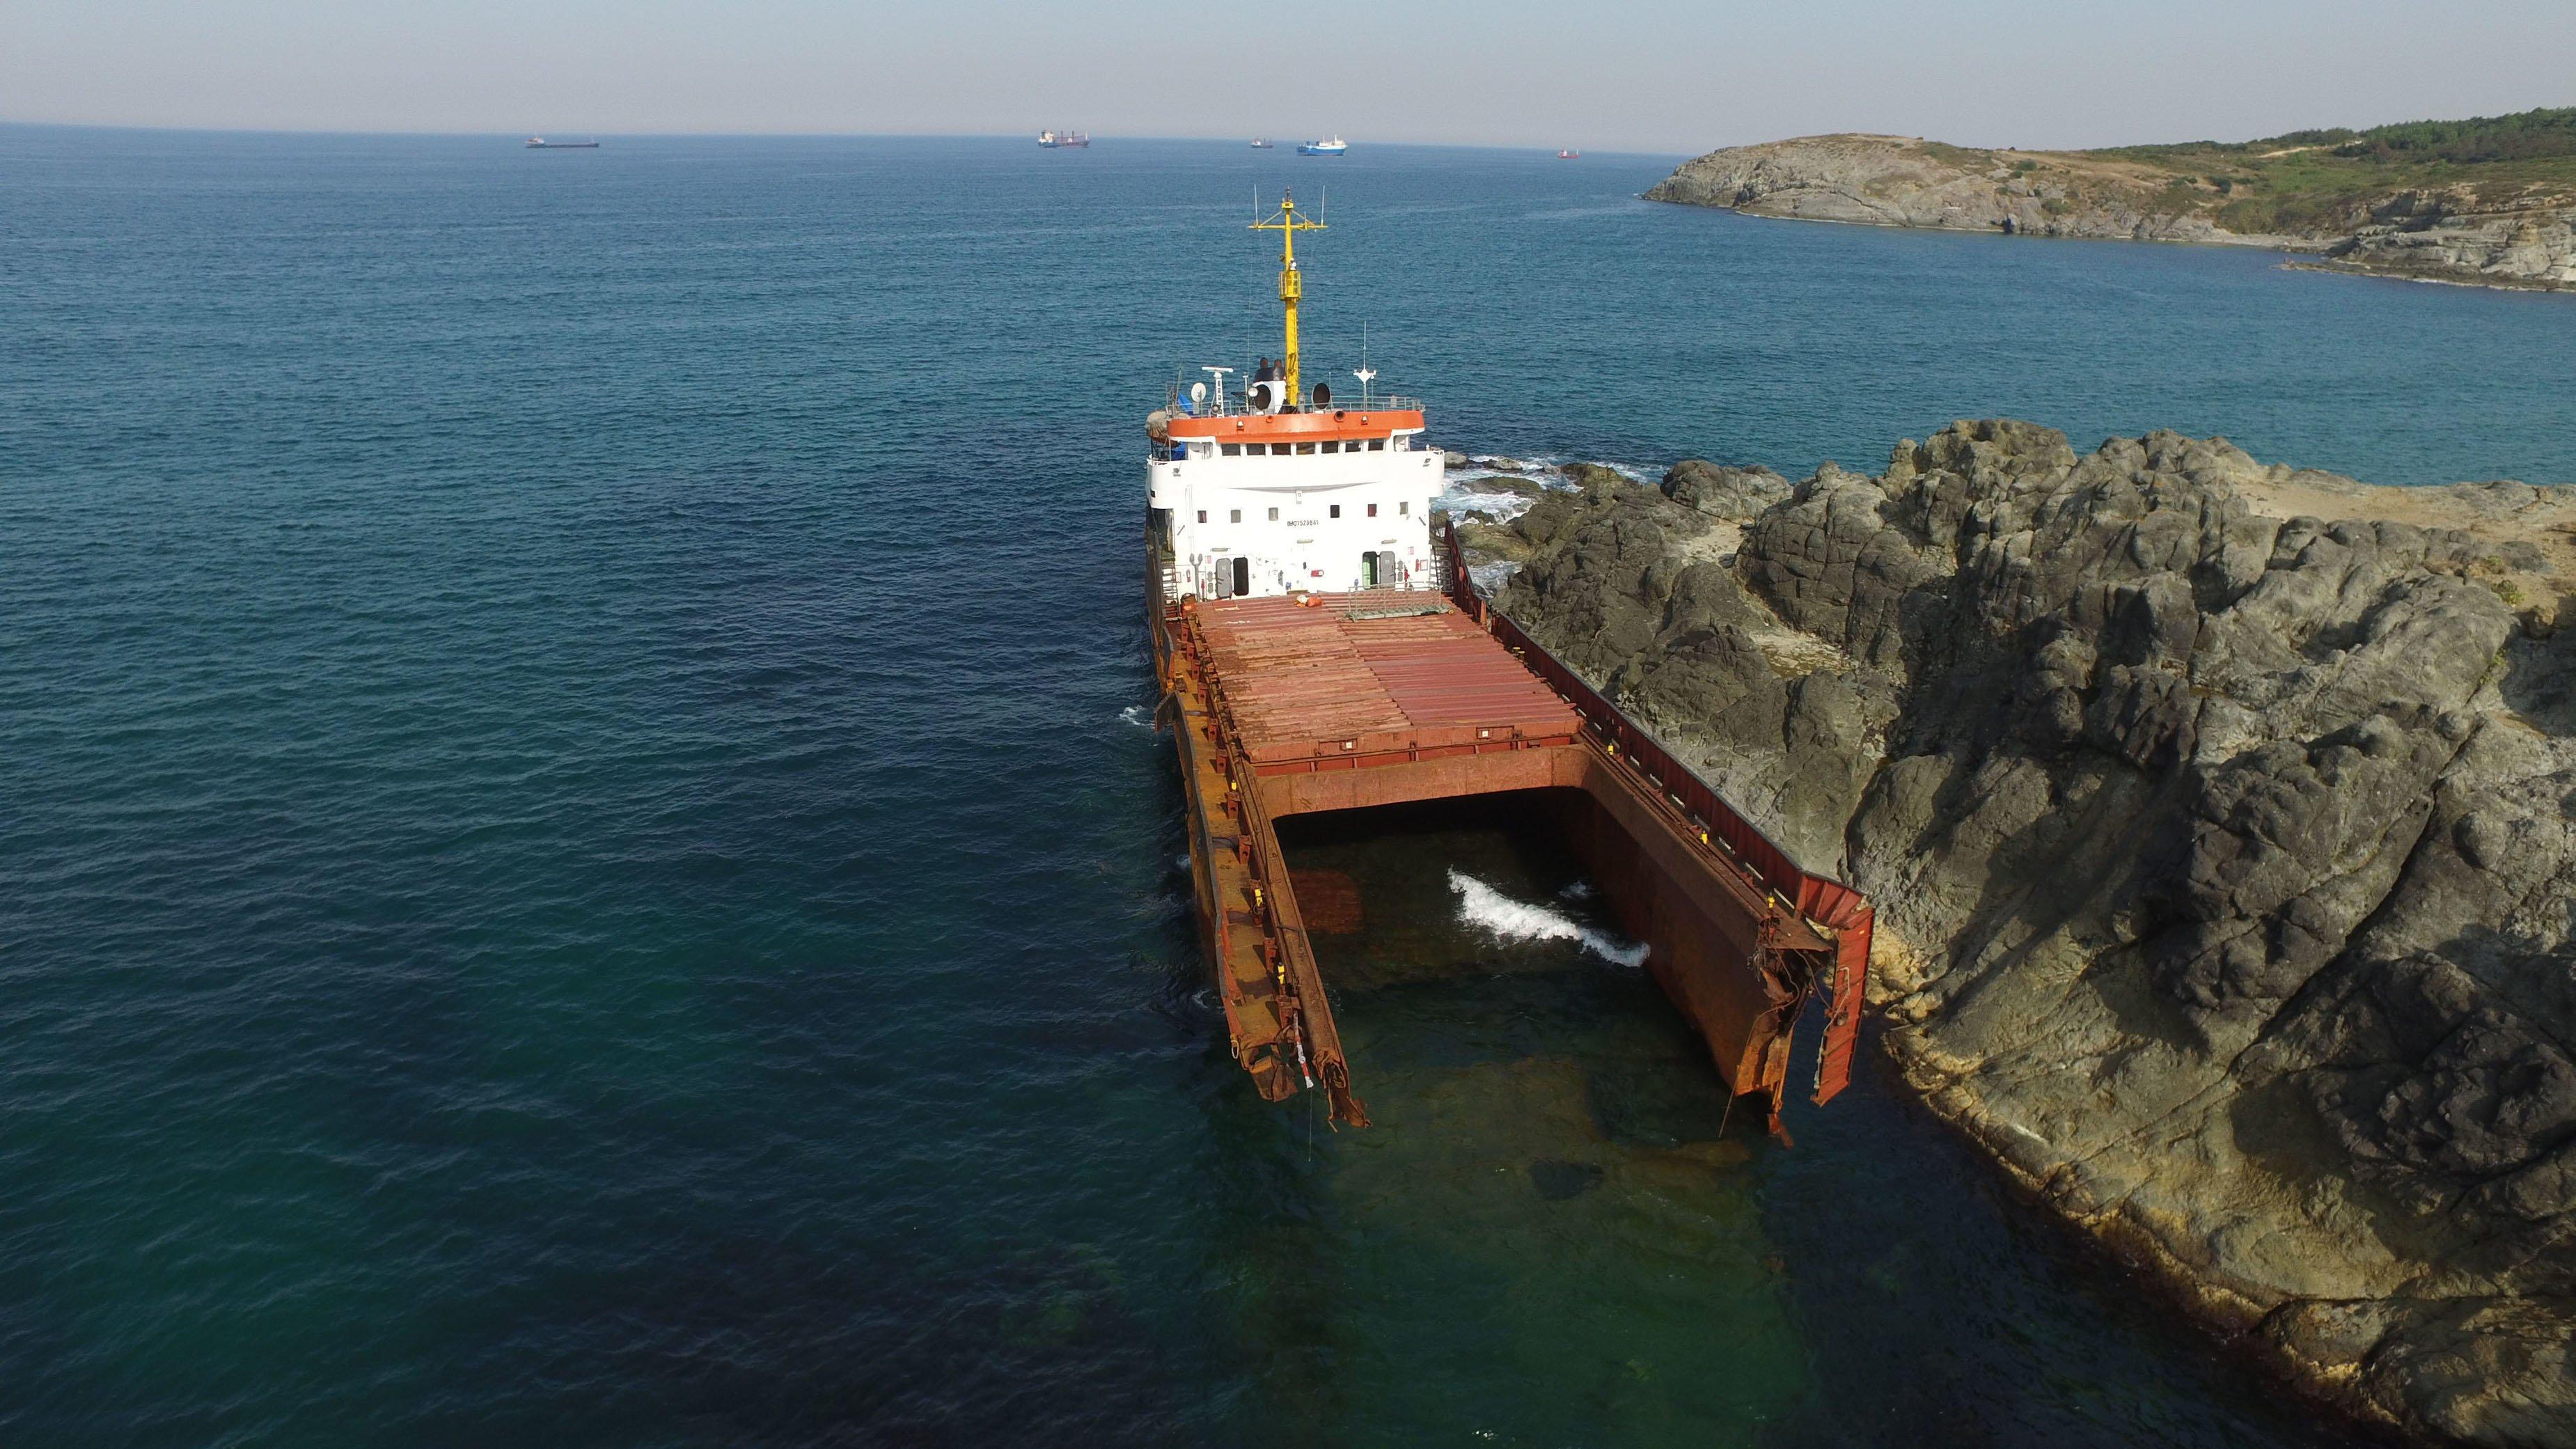 haberler, gundem - MV Leonard kazası 2 - Kilyos Açıklarında Kırılan Gemi Parçalanmaya Başladı